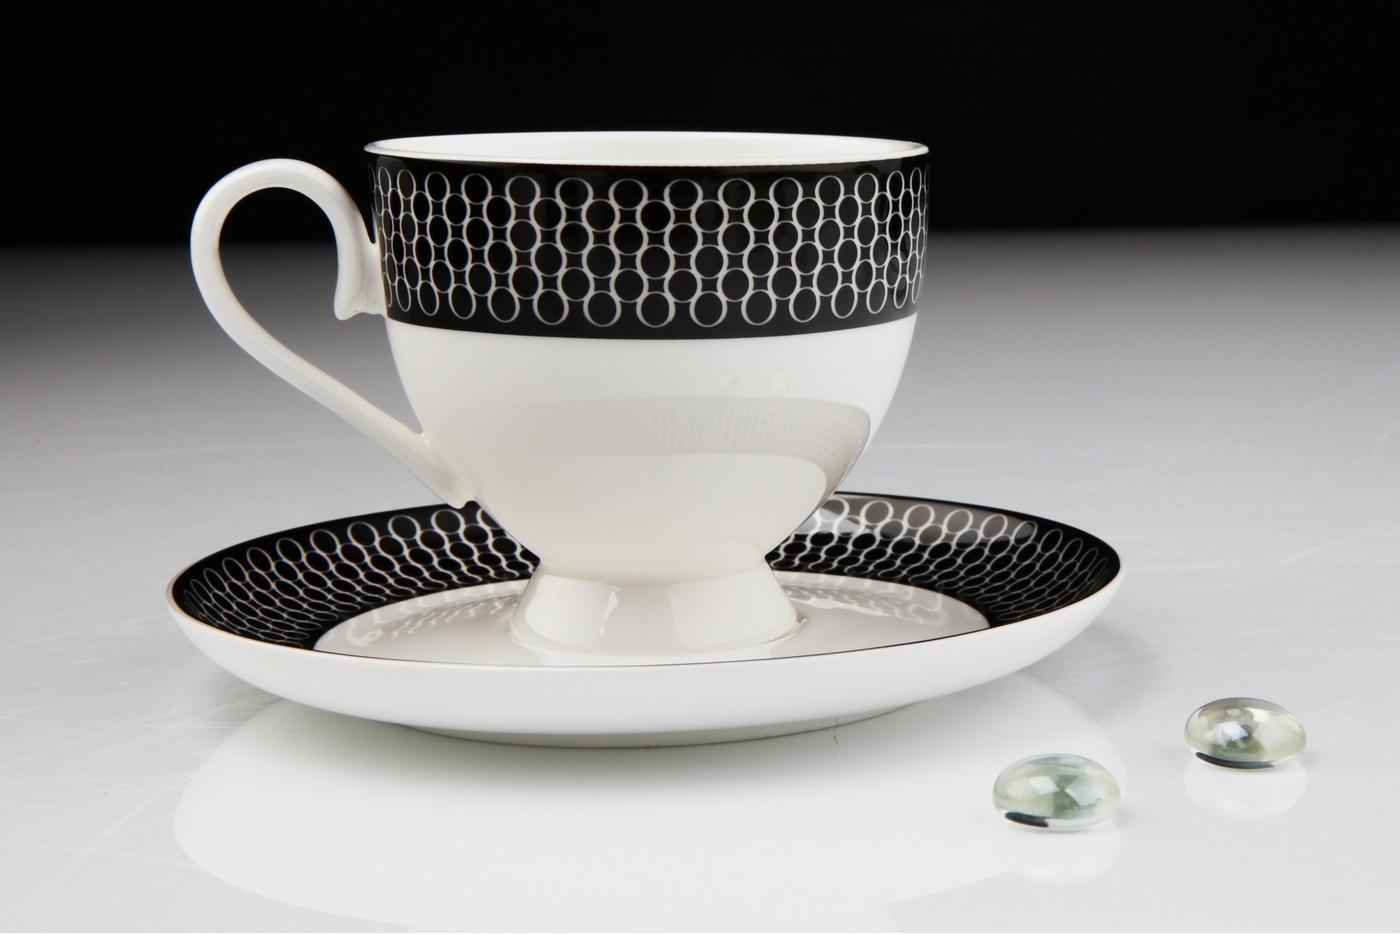 Чайный сервиз Royal Aurel Верона арт.123, 15 предметовЧайные сервизы<br>Чайный сервиз Royal Aurel Верона арт.123, 15 предметов<br><br><br><br><br><br><br><br><br><br><br>Чашка 270 мл,6 шт.<br>Блюдце 15 см,6 шт.<br>Чайник 1100 мл<br>Сахарница 370 мл<br><br><br><br><br><br><br><br><br>Молочник 300 мл<br><br><br><br><br><br><br><br><br>Производить посуду из фарфора начали в Китае на стыке 6-7 веков. Неустанно совершенствуя и селективно отбирая сырье для производства посуды из фарфора, мастерам удалось добиться выдающихся характеристик фарфора: белизны и тонкостенности. В XV веке появился особый интерес к китайской фарфоровой посуде, так как в это время Европе возникла мода на самобытные китайские вещи. Роскошный китайский фарфор являлся изыском и был в новинку, поэтому он выступал в качестве подарка королям, а также знатным людям. Такой дорогой подарок был очень престижен и по праву являлся элитной посудой. Как известно из многочисленных исторических документов, в Европе китайские изделия из фарфора ценились практически как золото. <br>Проверка изделий из костяного фарфора на подлинность <br>По сравнению с производством других видов фарфора процесс производства изделий из настоящего костяного фарфора сложен и весьма длителен. Посуда из изящного фарфора - это элитная посуда, которая всегда ассоциируется с богатством, величием и благородством. Несмотря на небольшую толщину, фарфоровая посуда - это очень прочное изделие. Для демонстрации плотности и прочности фарфора можно легко коснуться предметов посуды из фарфора деревянной палочкой, и тогда мы услушим характерный металлический звон. В составе фарфоровой посуды присутствует костяная зола, благодаря чему она может быть намного тоньше (не более 2,5 мм) и легче твердого или мягкого фарфора. Безупречная белизна - ключевой признак отличия такого фарфора от других. Цвет обычного фарфора сероватый или ближе к голубоватому, а костяной фарфор будет всегда будет молочно-белого цвета. Характерная и немаловажная деталь - это невес